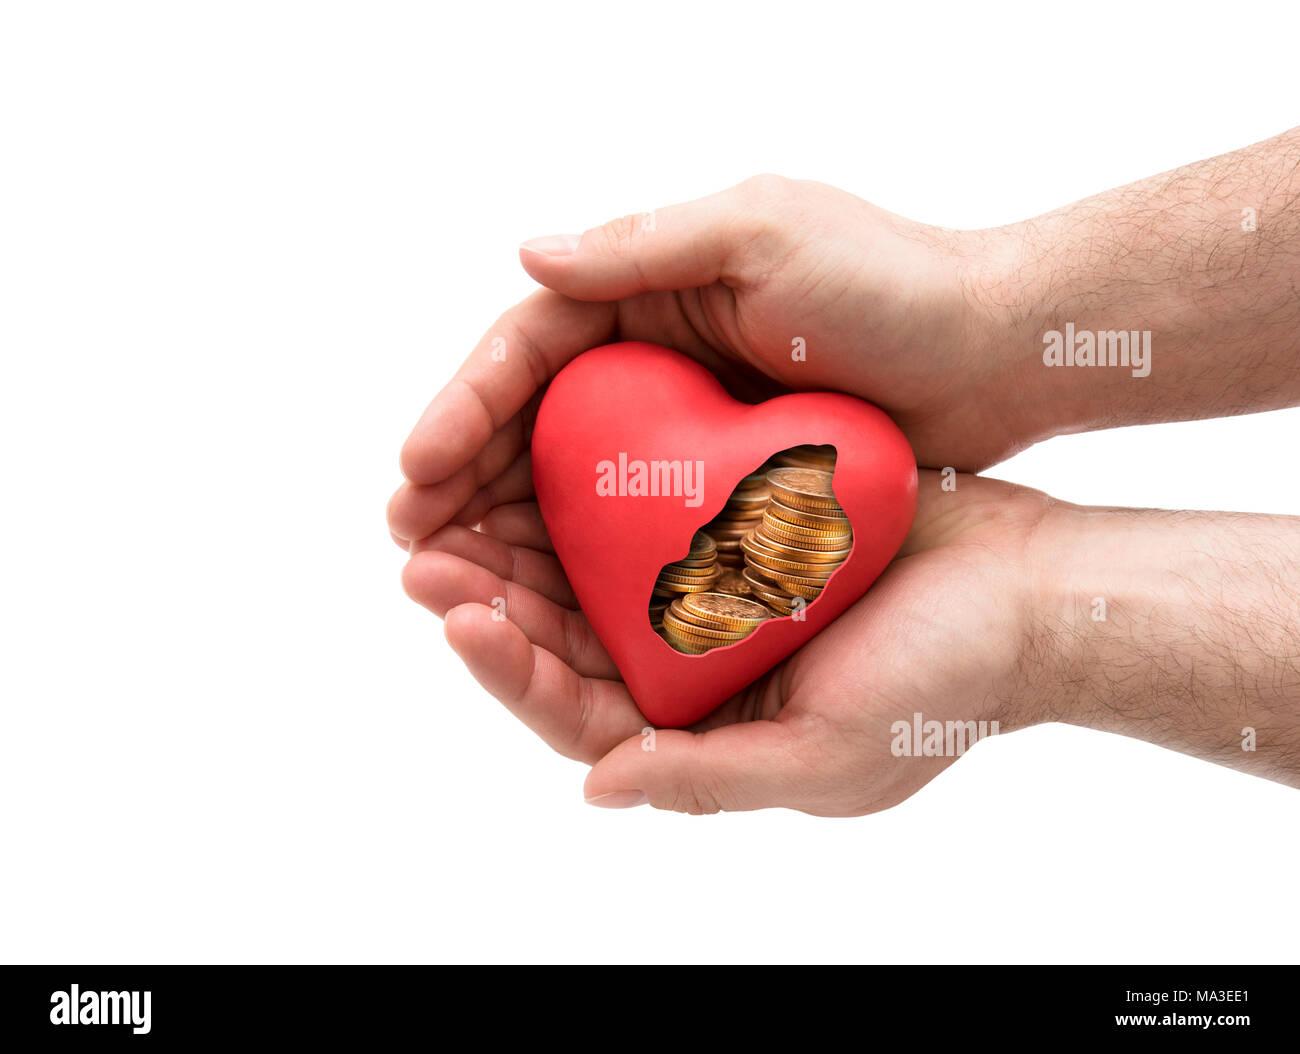 Coeur rouge avec des pièces d'or dans les mains sur fond blanc avec clipping path Photo Stock